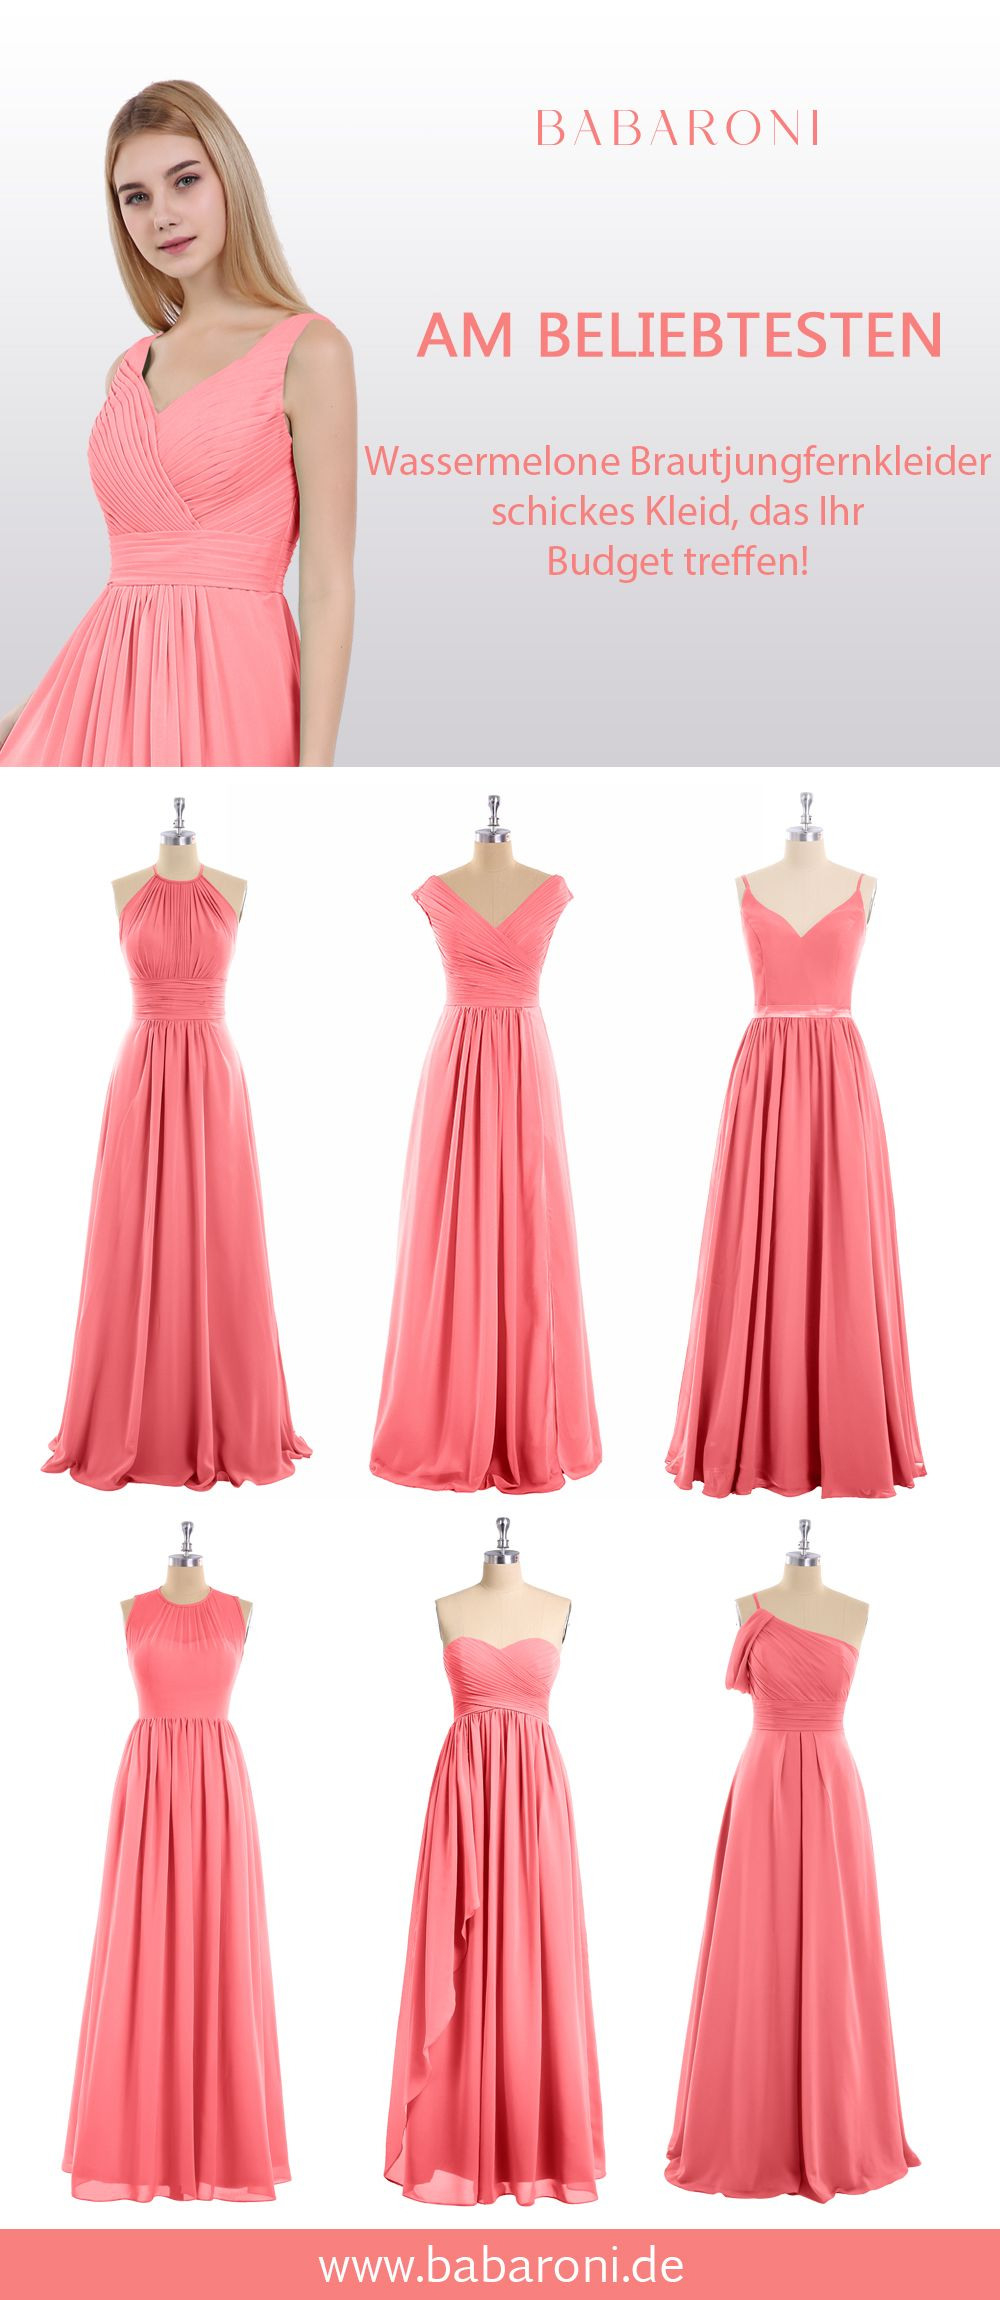 15 Großartig Mädchen Abendkleider Stylish Wunderbar Mädchen Abendkleider Design